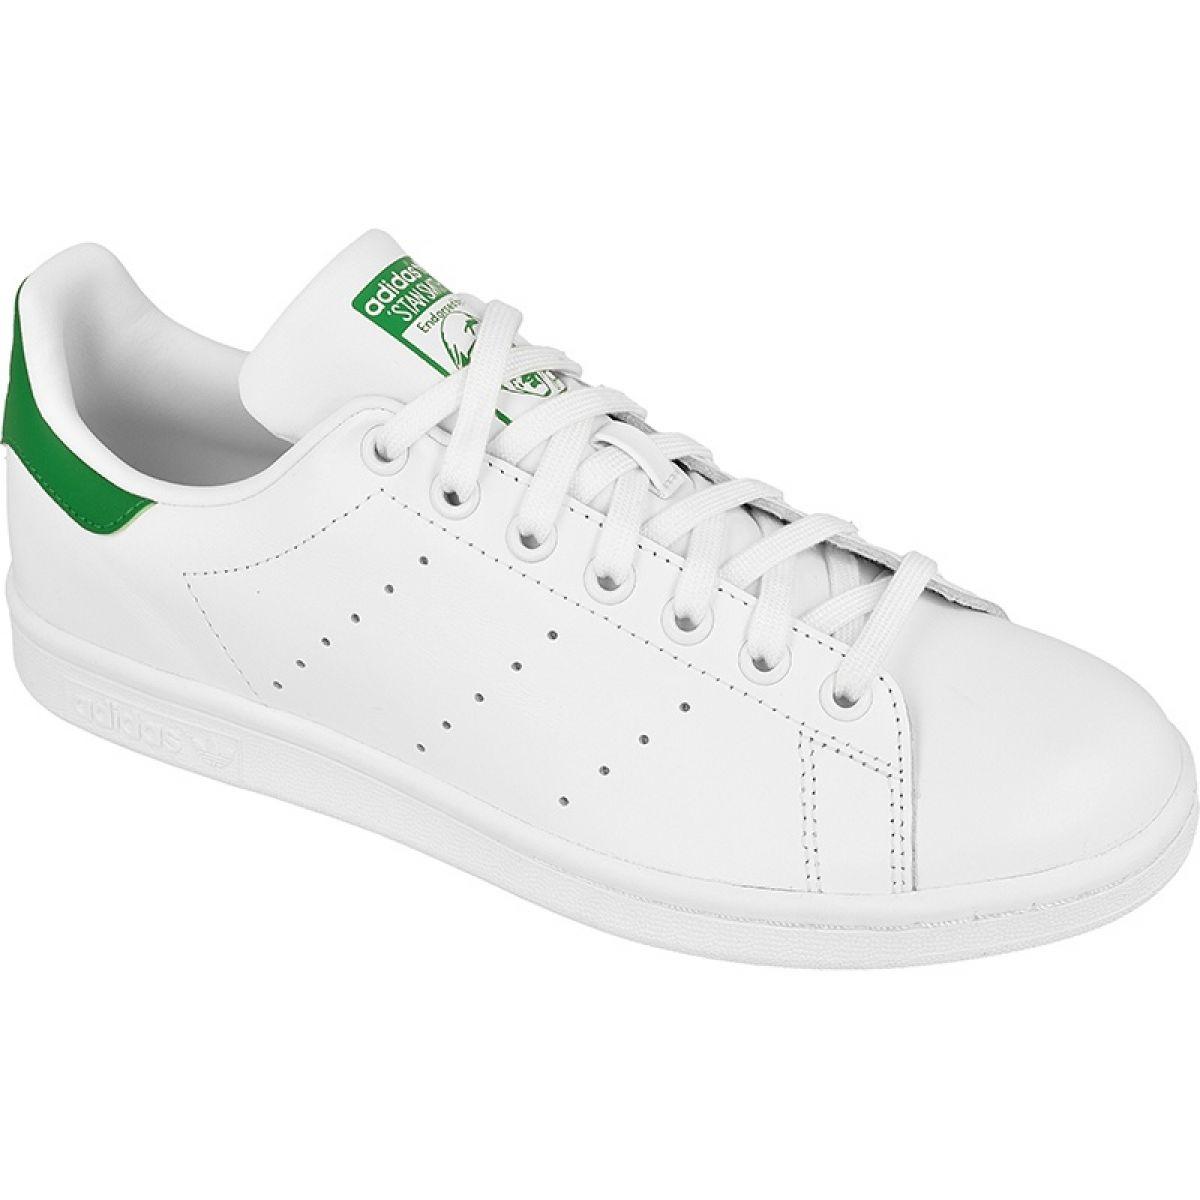 Détails sur Chaussures Adidas Originals Stan Smith M M20324 blanc